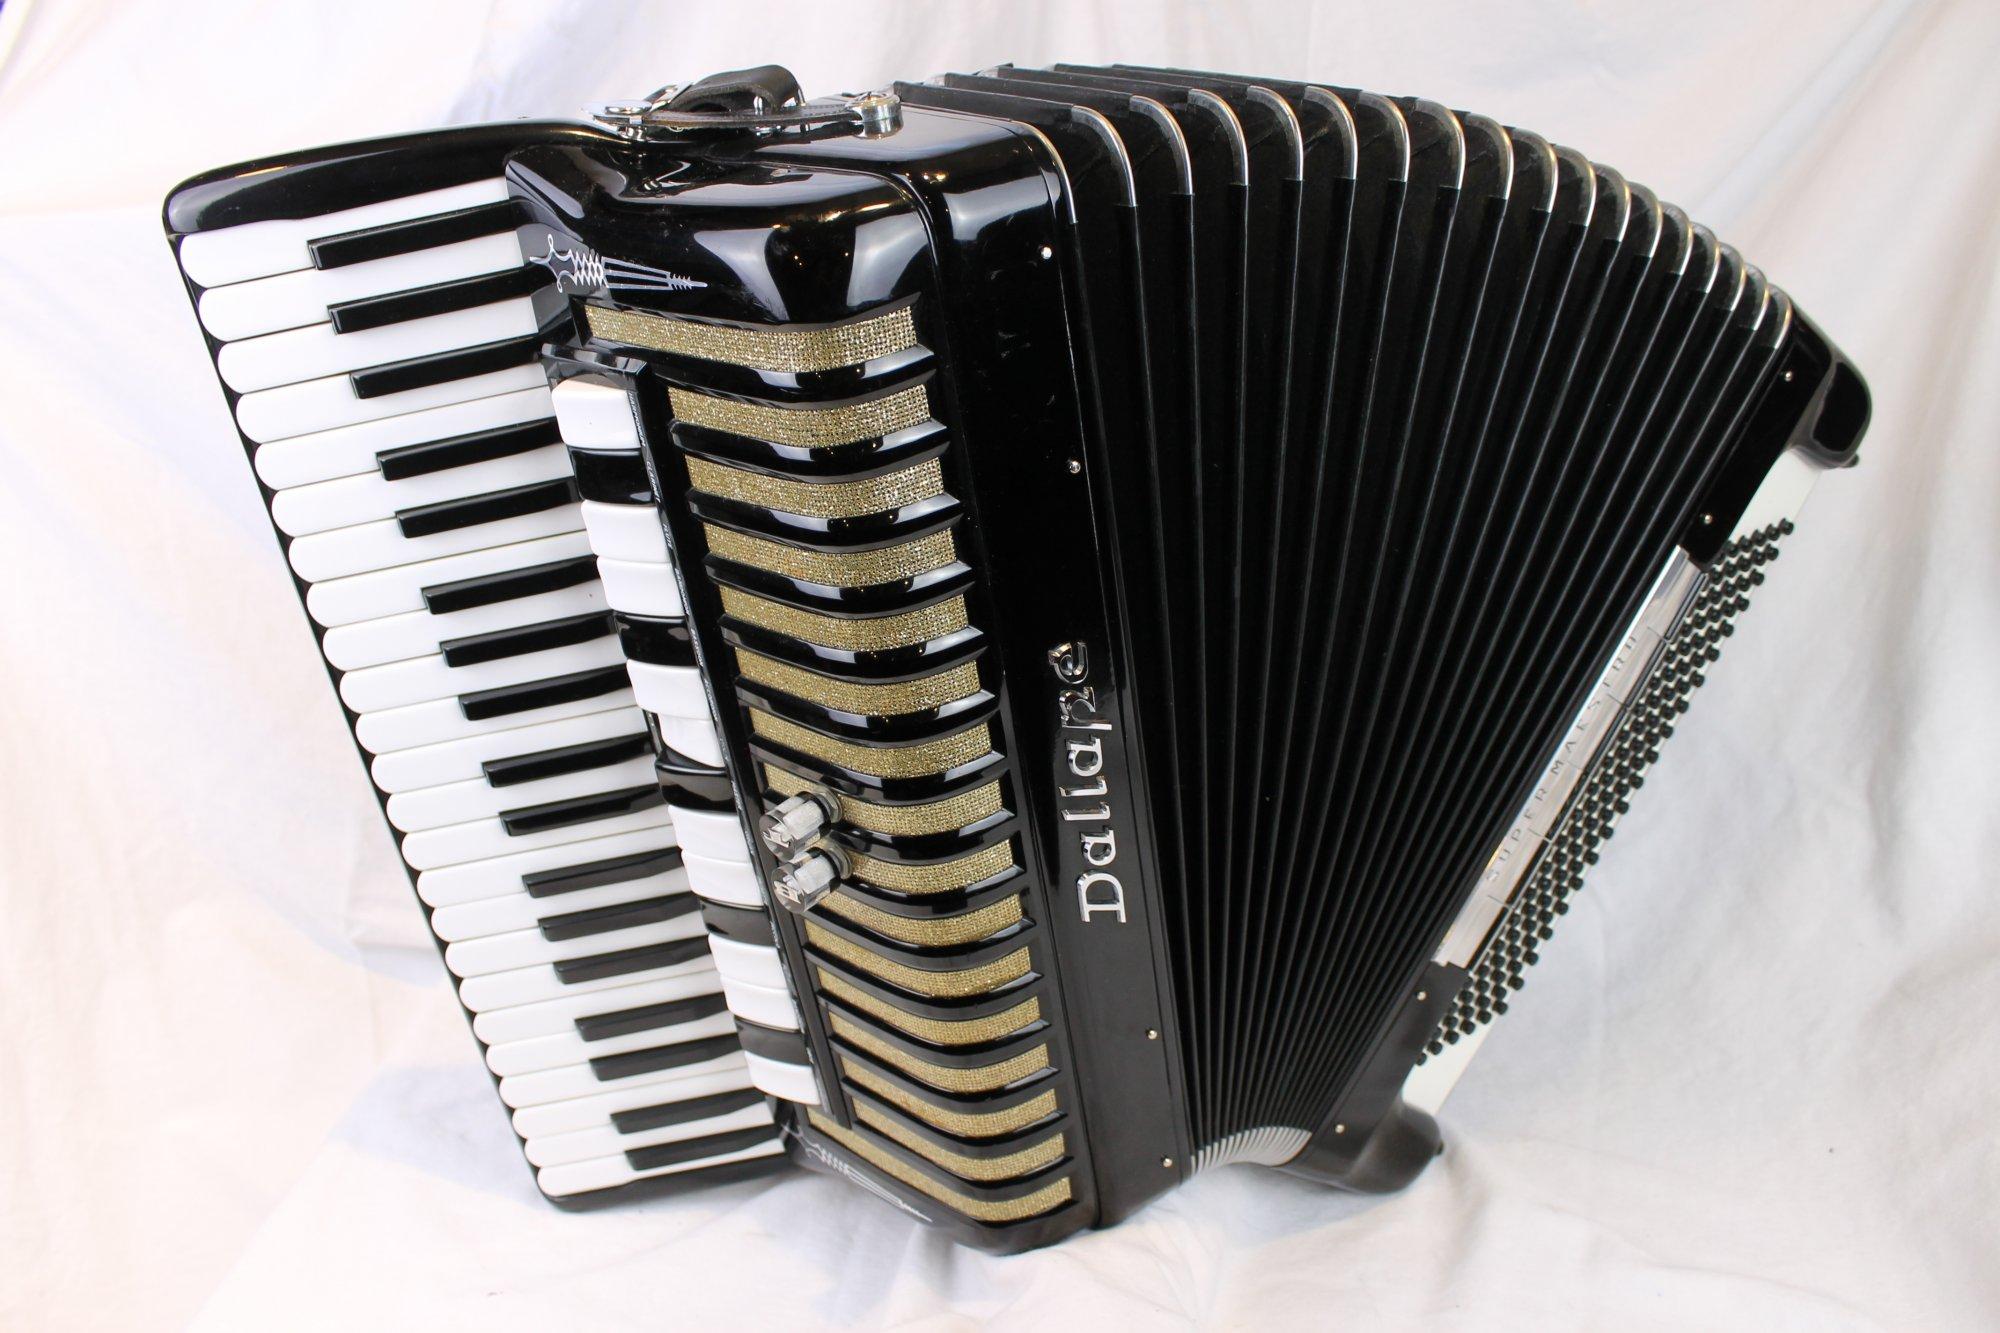 3836 - Black Dallape Super Maestro Piano Accordion LMMH 41 120